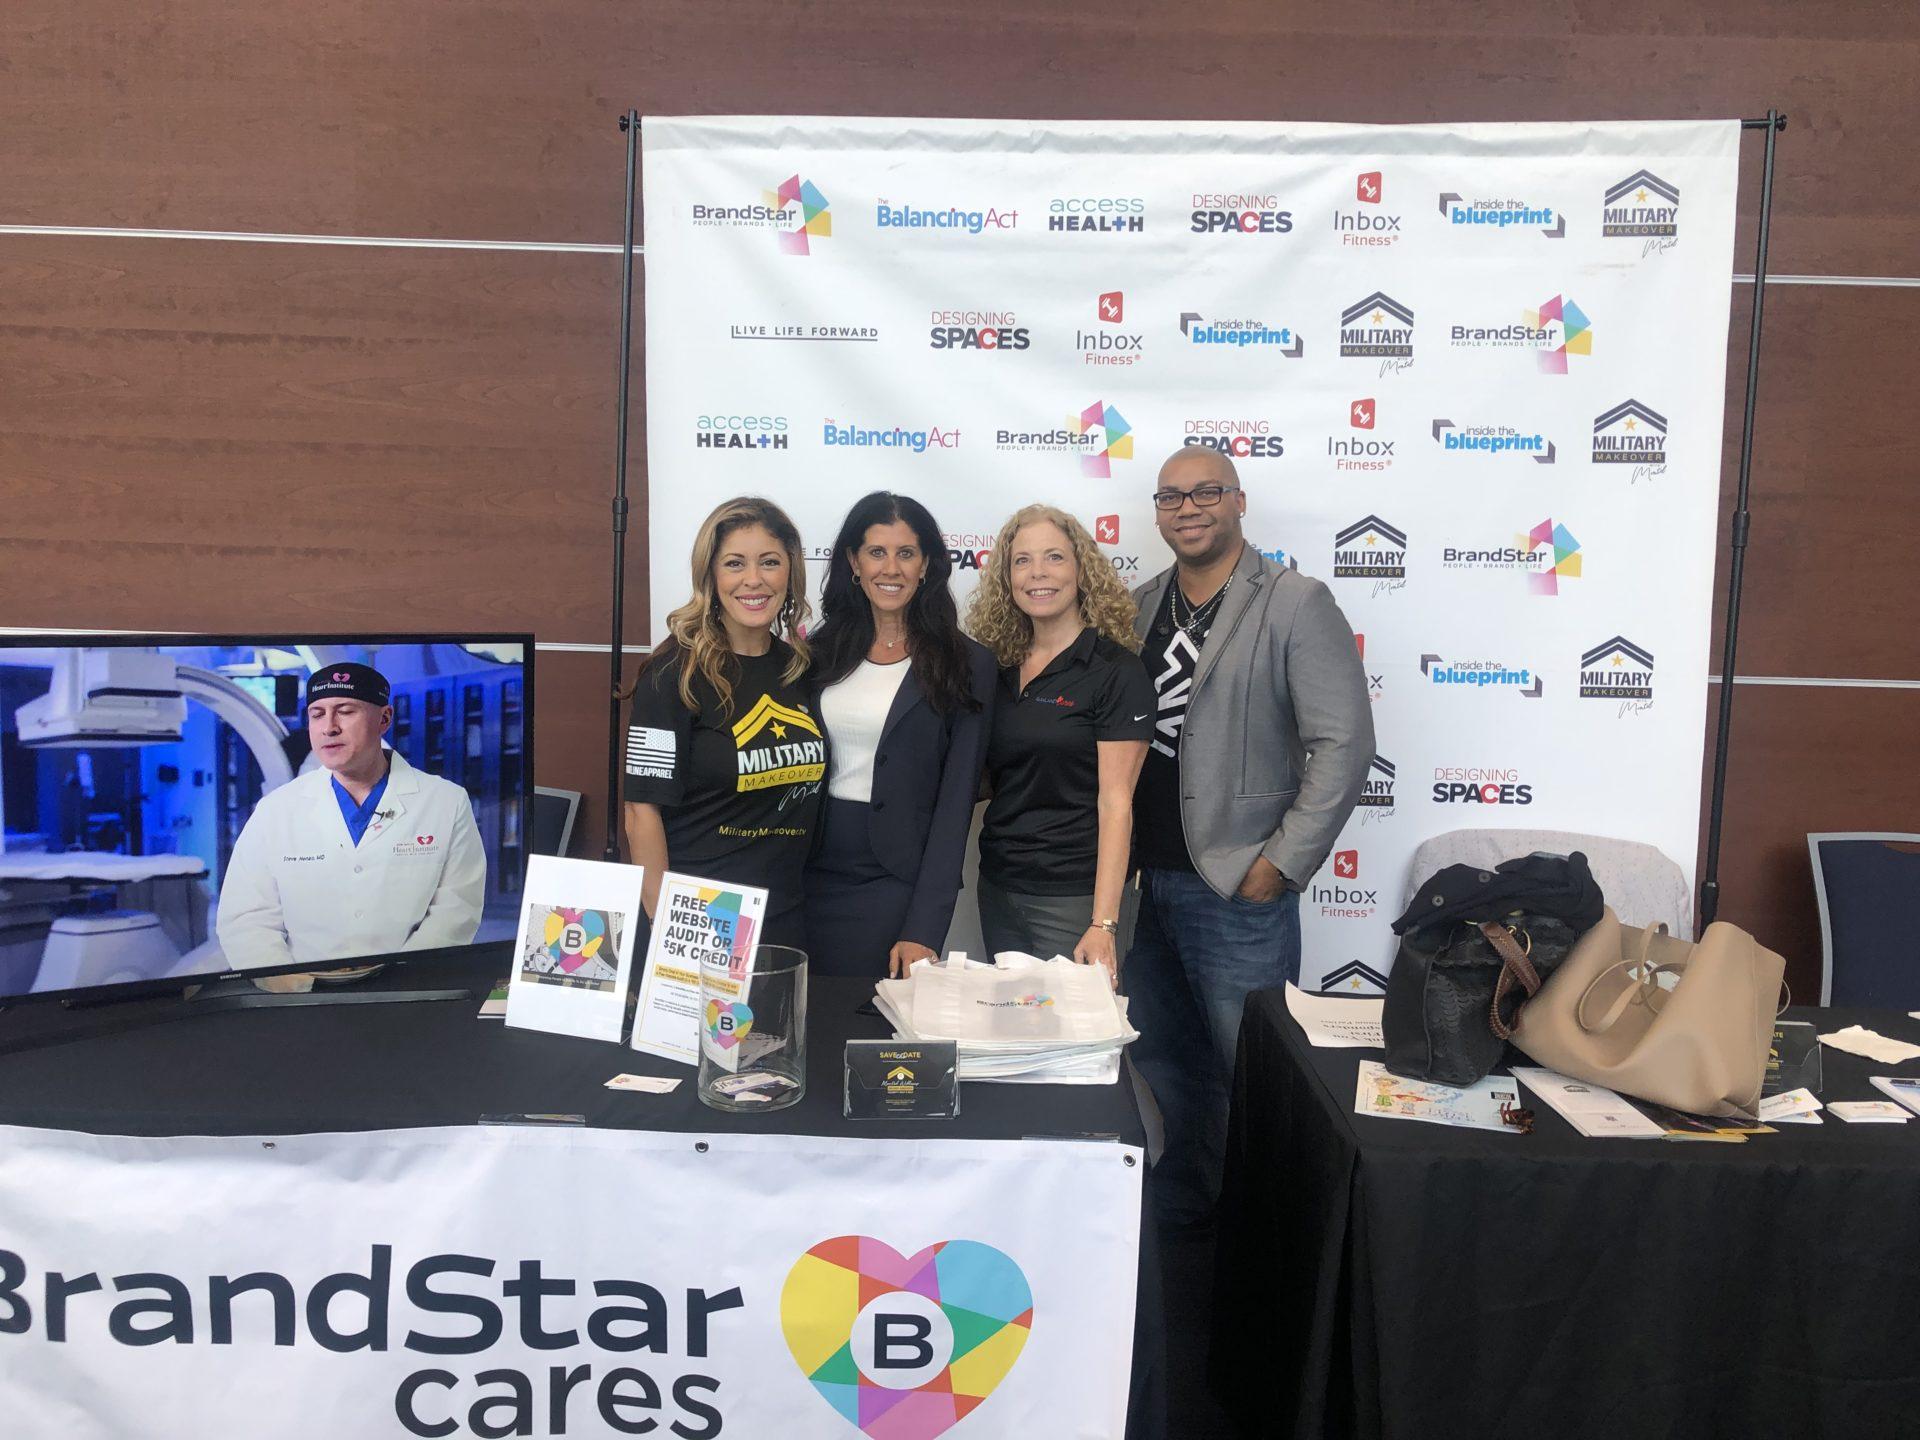 BrandedStar cares event